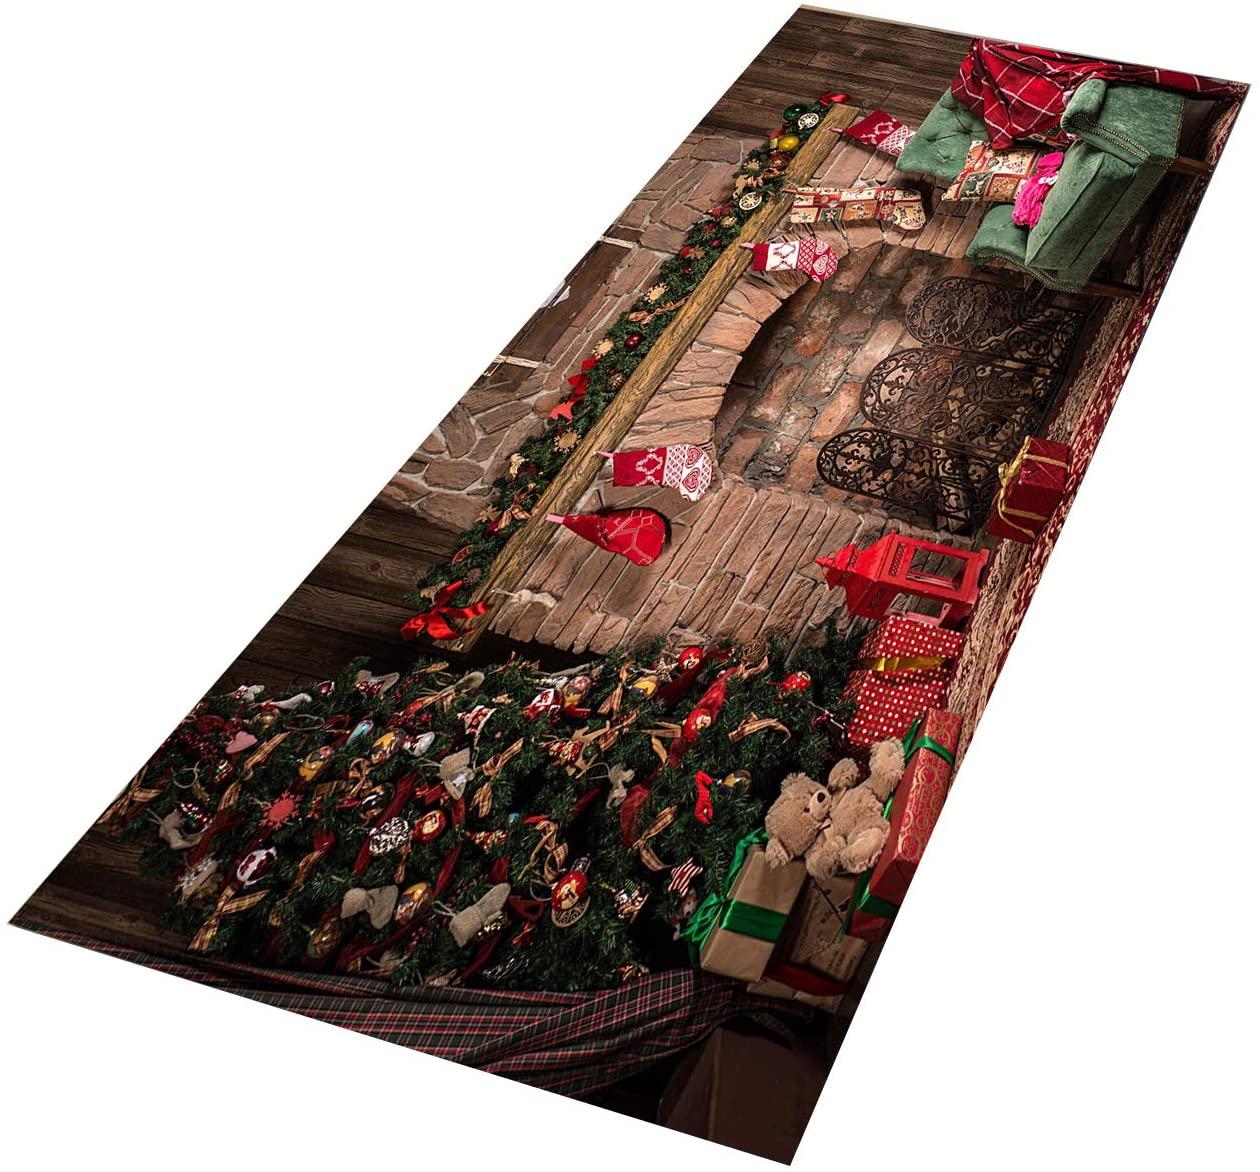 Crafttable 2 Pieces Santa Claus Kitchen Rug Set, Anti-Fatigue Kitchen Floor Mat, Non Slip Standing Carpet, 15.7x23.6+ 15.7x47.2 in, 30